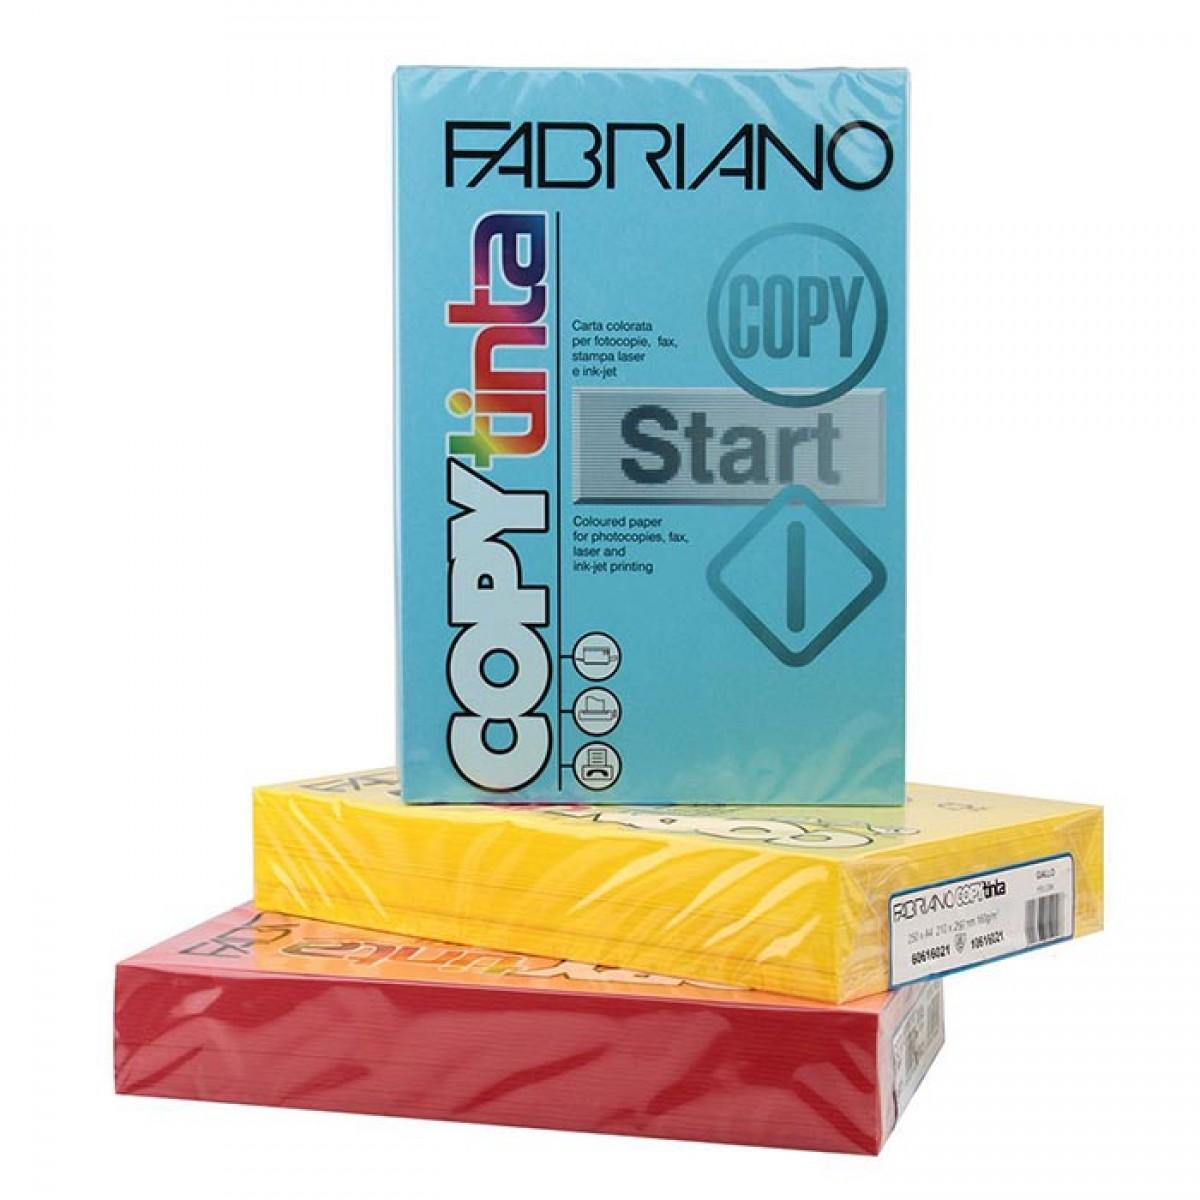 Farbriano Χαρτί Φωτ/κό Α4, Διάφορα Χρώματα (Έντονο) Χαρτί Φωτοτυπικού